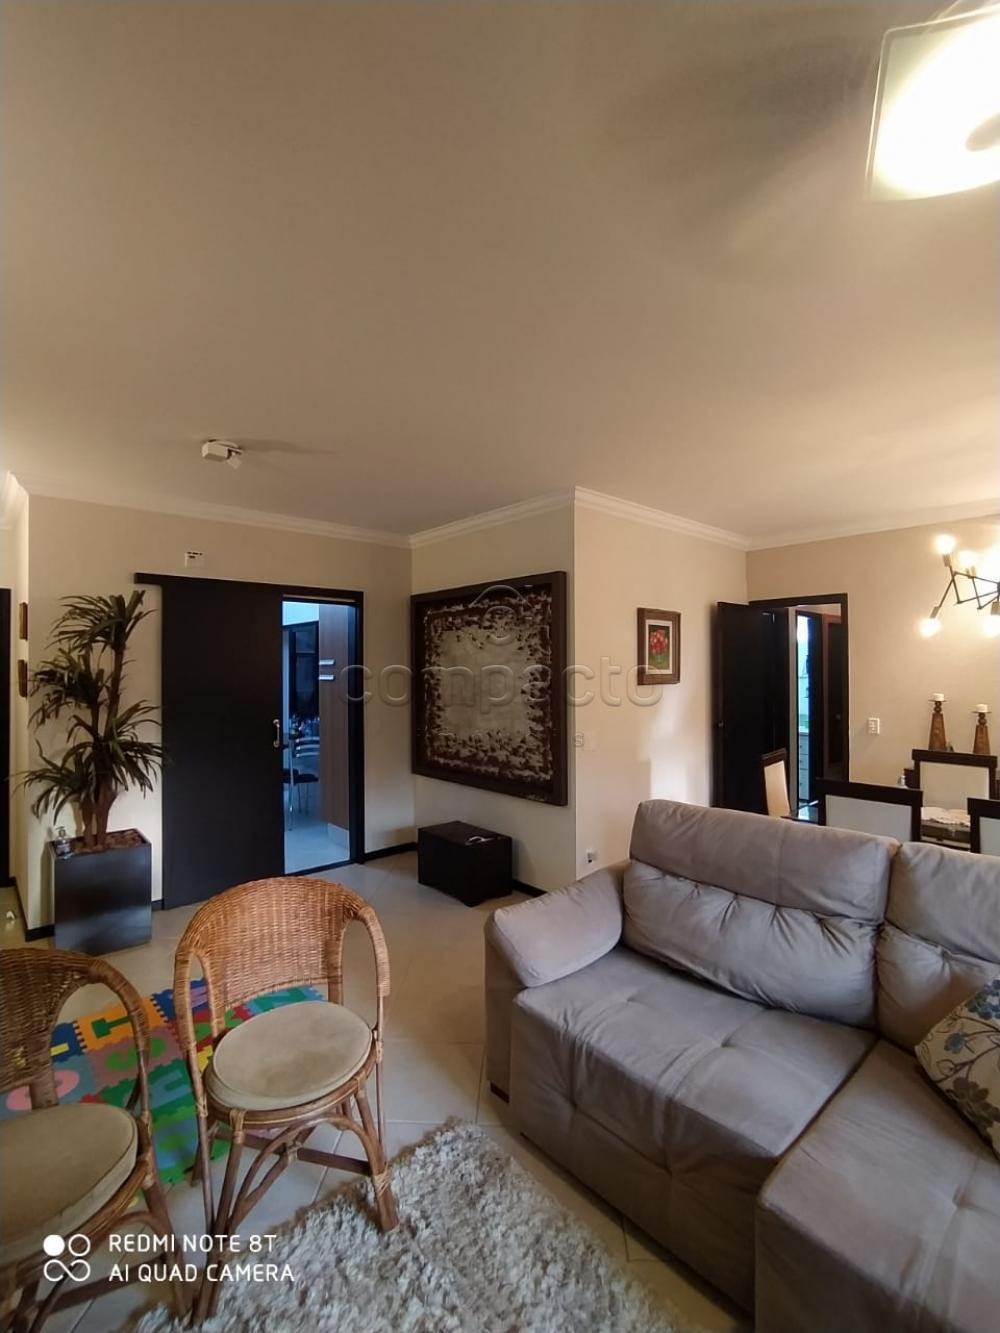 Comprar Apartamento / Padrão em São José do Rio Preto apenas R$ 615.000,00 - Foto 3